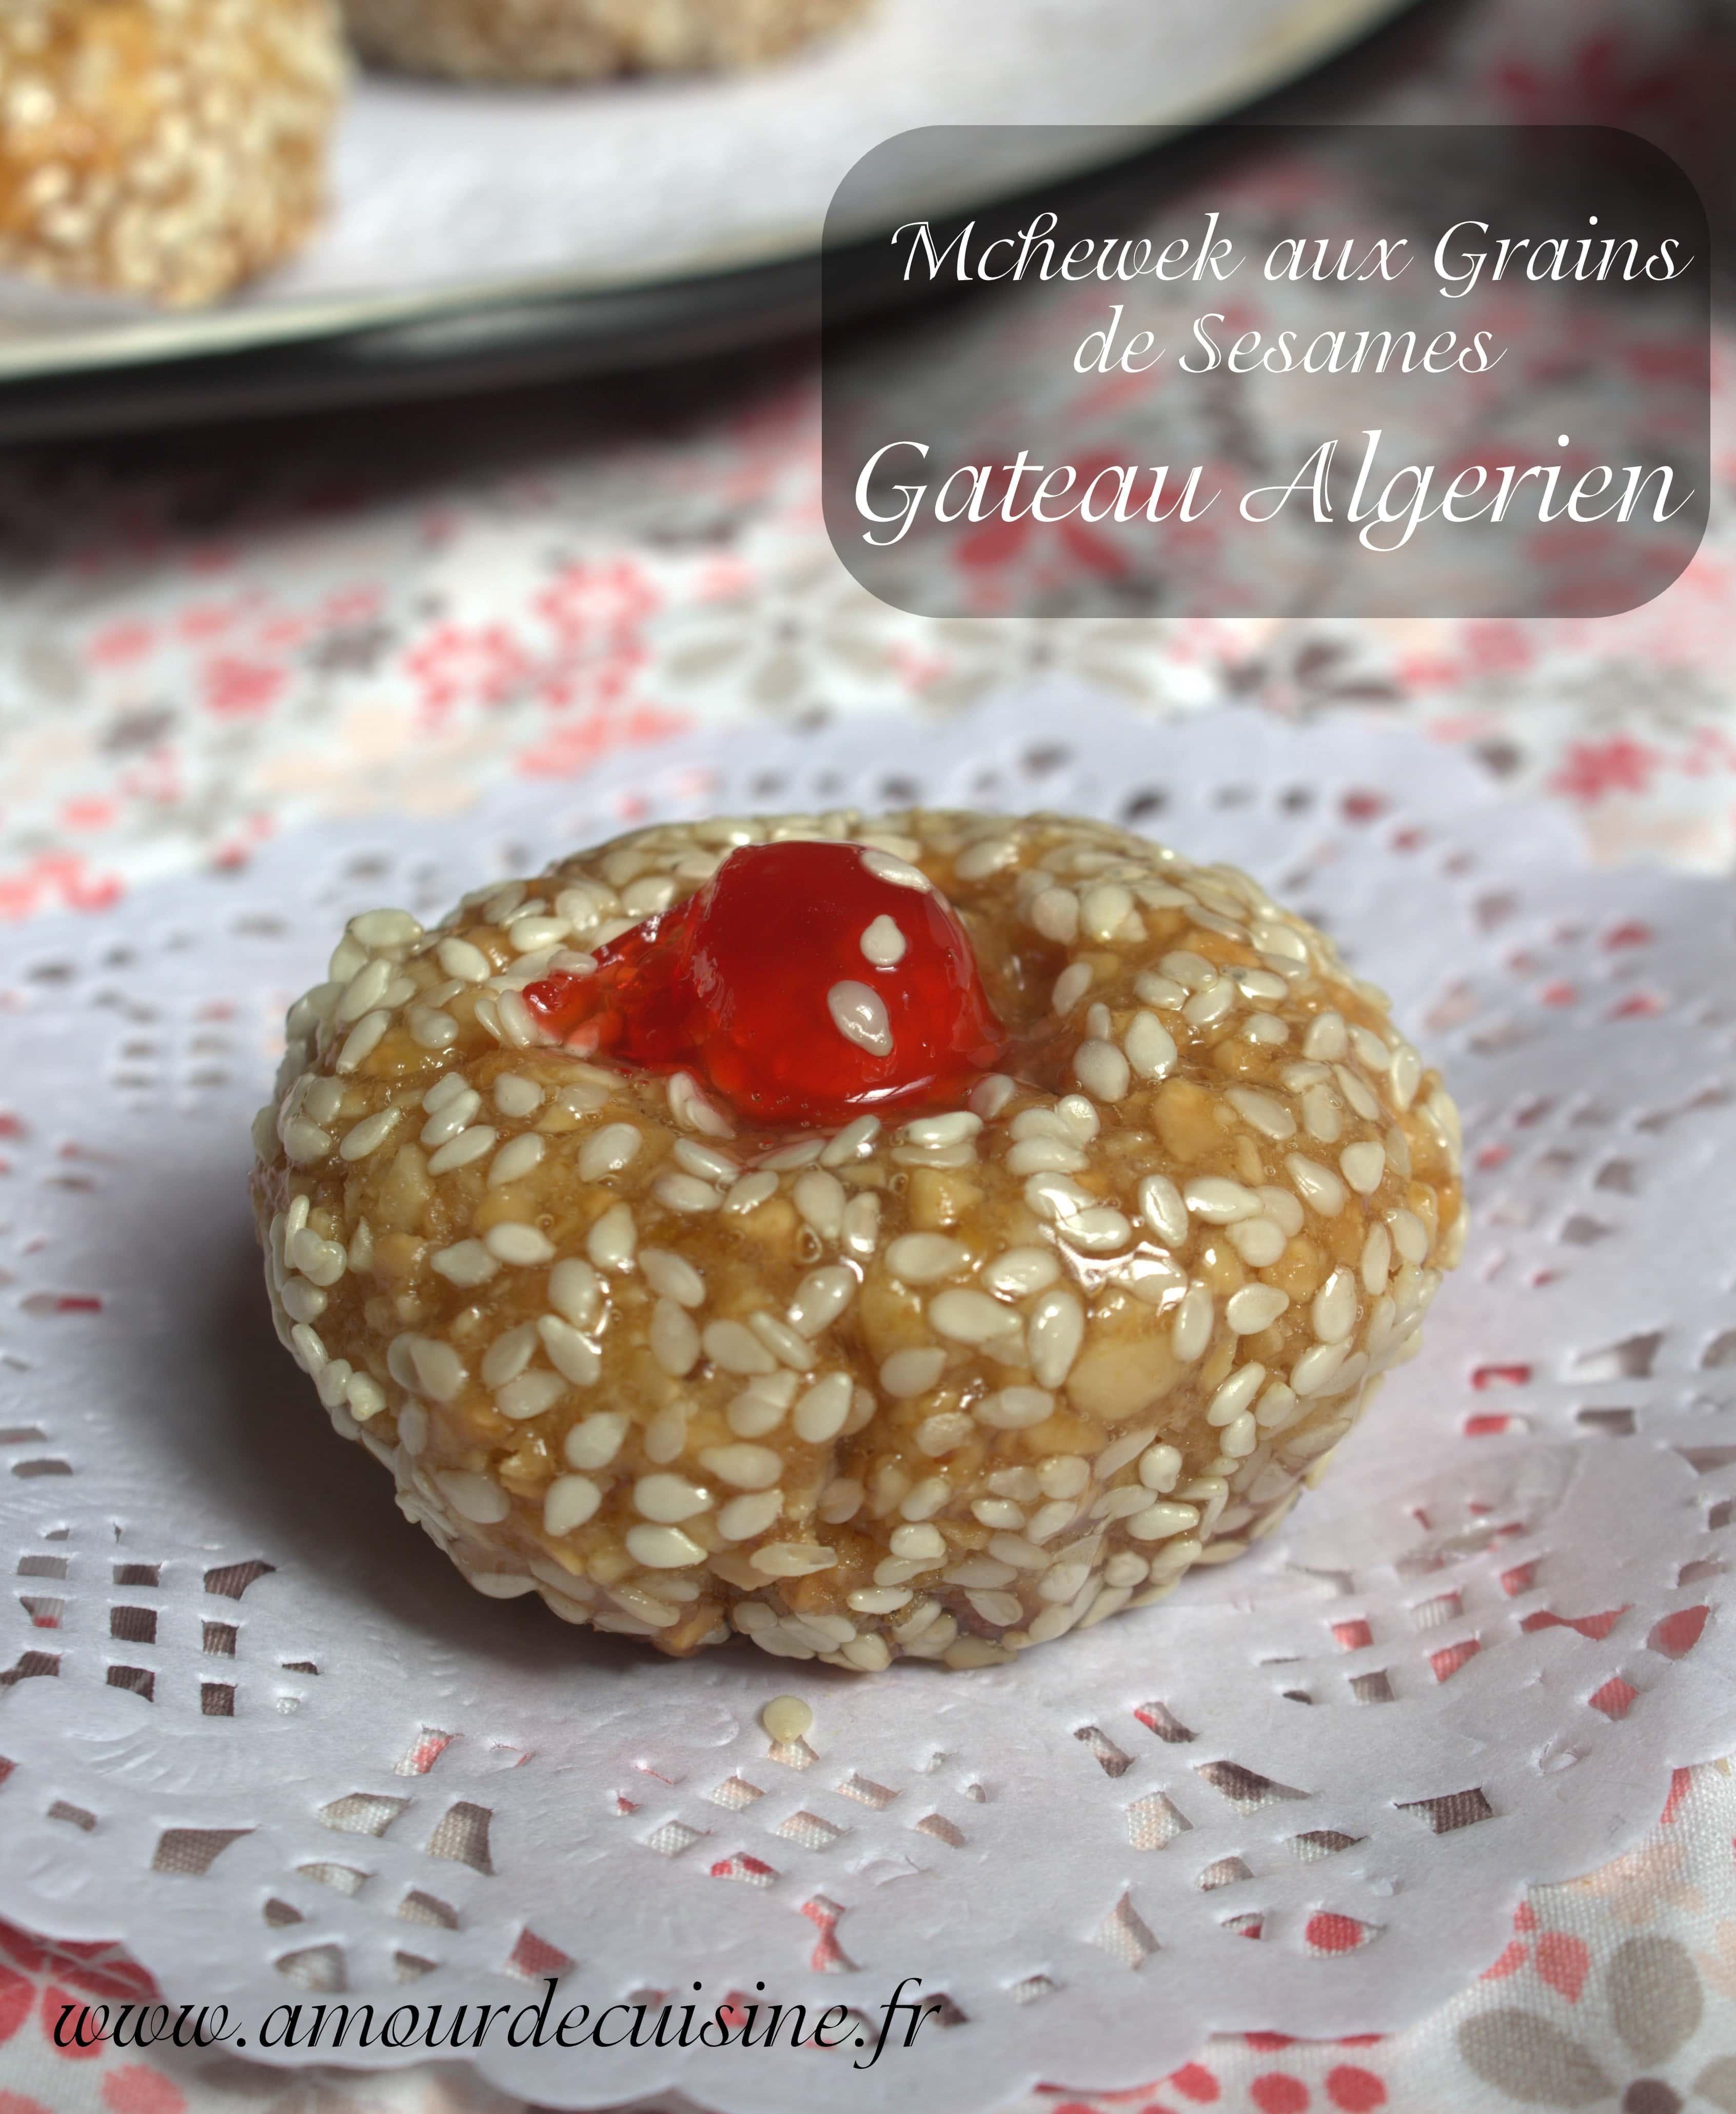 Mchewek aux grains de sesame gateau algerien conomique for Amour de cuisine